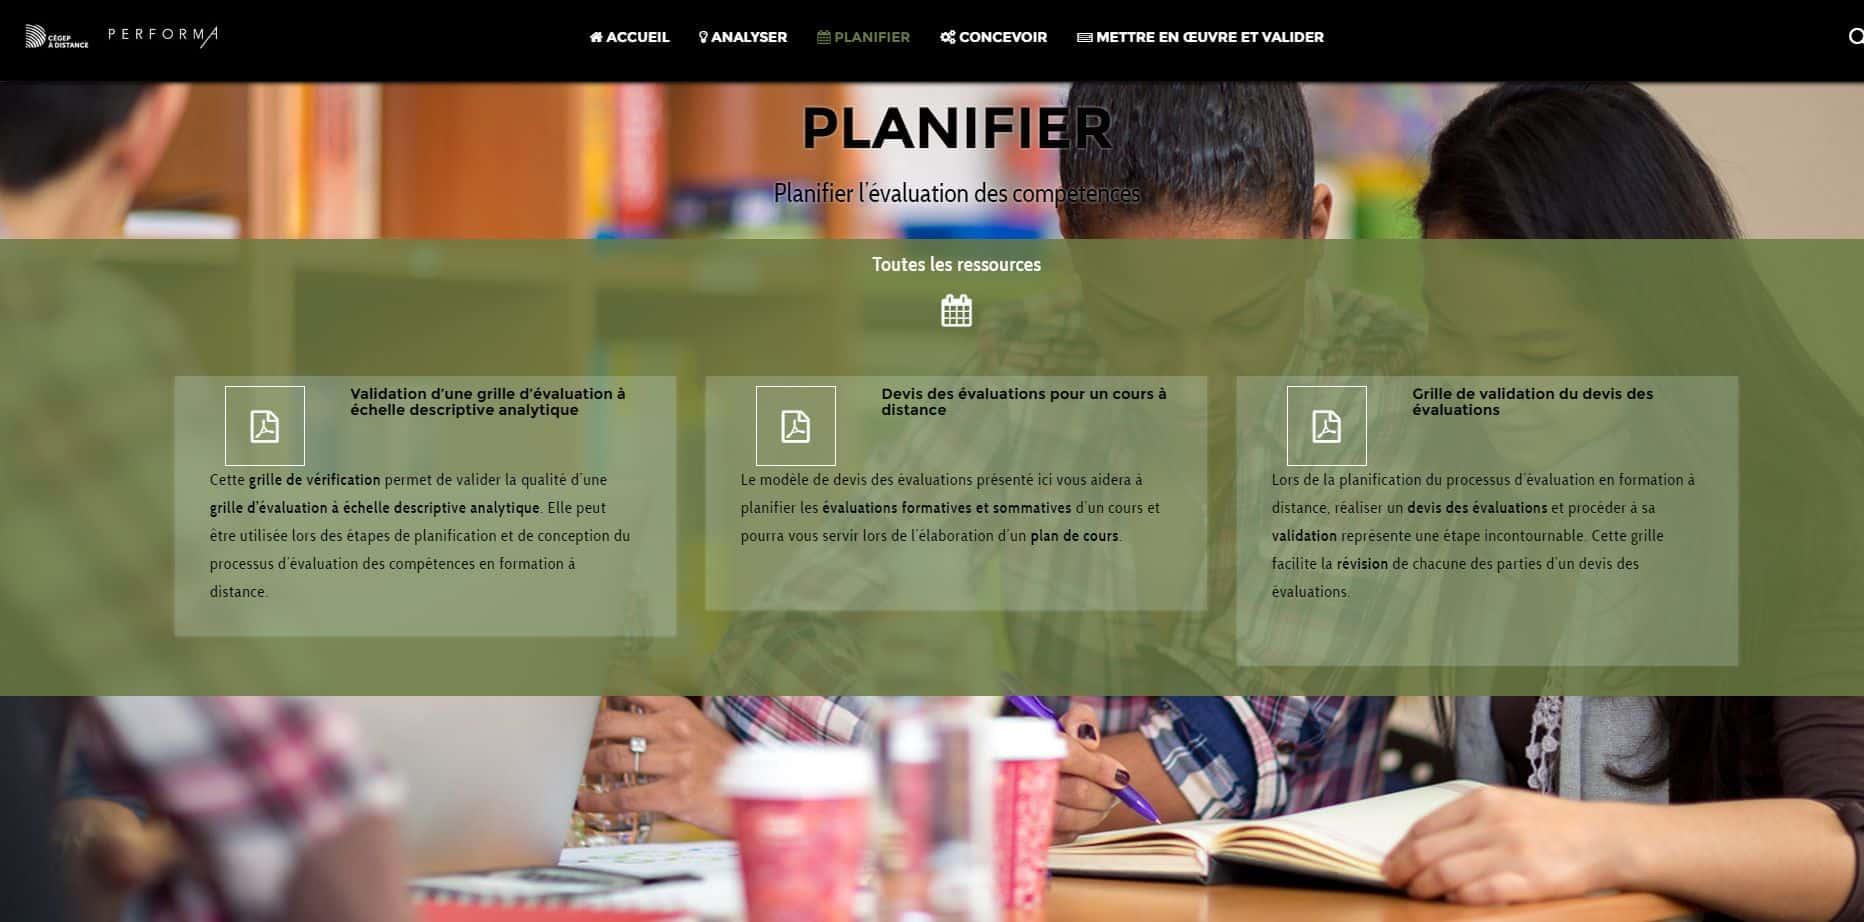 conception-web-pour-programme-pcuc-5.jpg